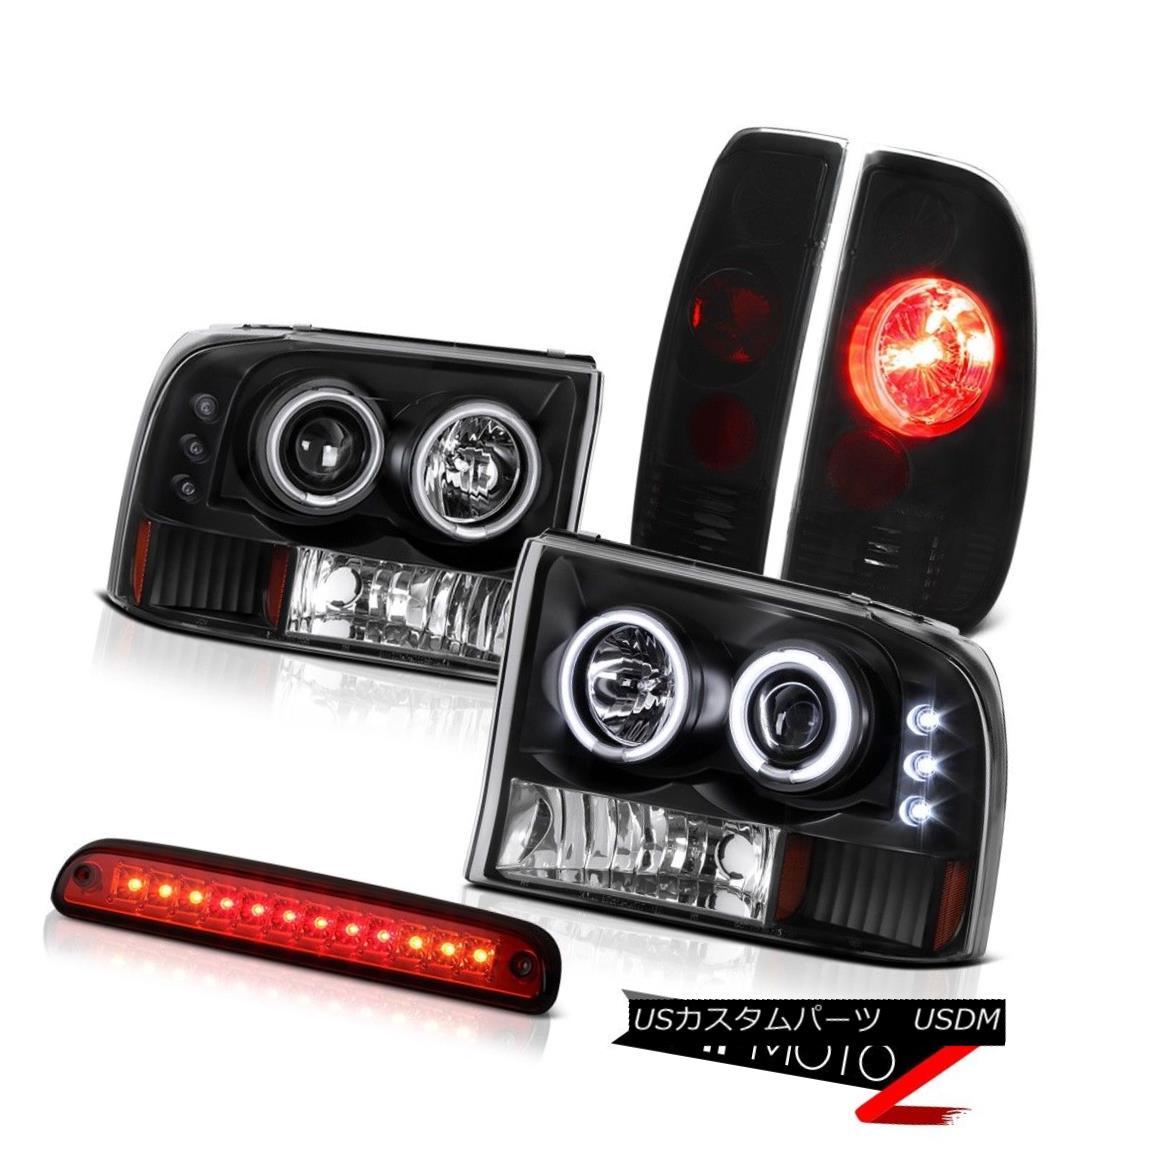 ヘッドライト Black CCFLr Headlight Roof Brake LED Red Dark Smoke TailLight 99-04 F250 Turbo ブラックCCFLヘッドライトルーフブレーキLED赤ダークスモークテールライト99-04 F250ターボ